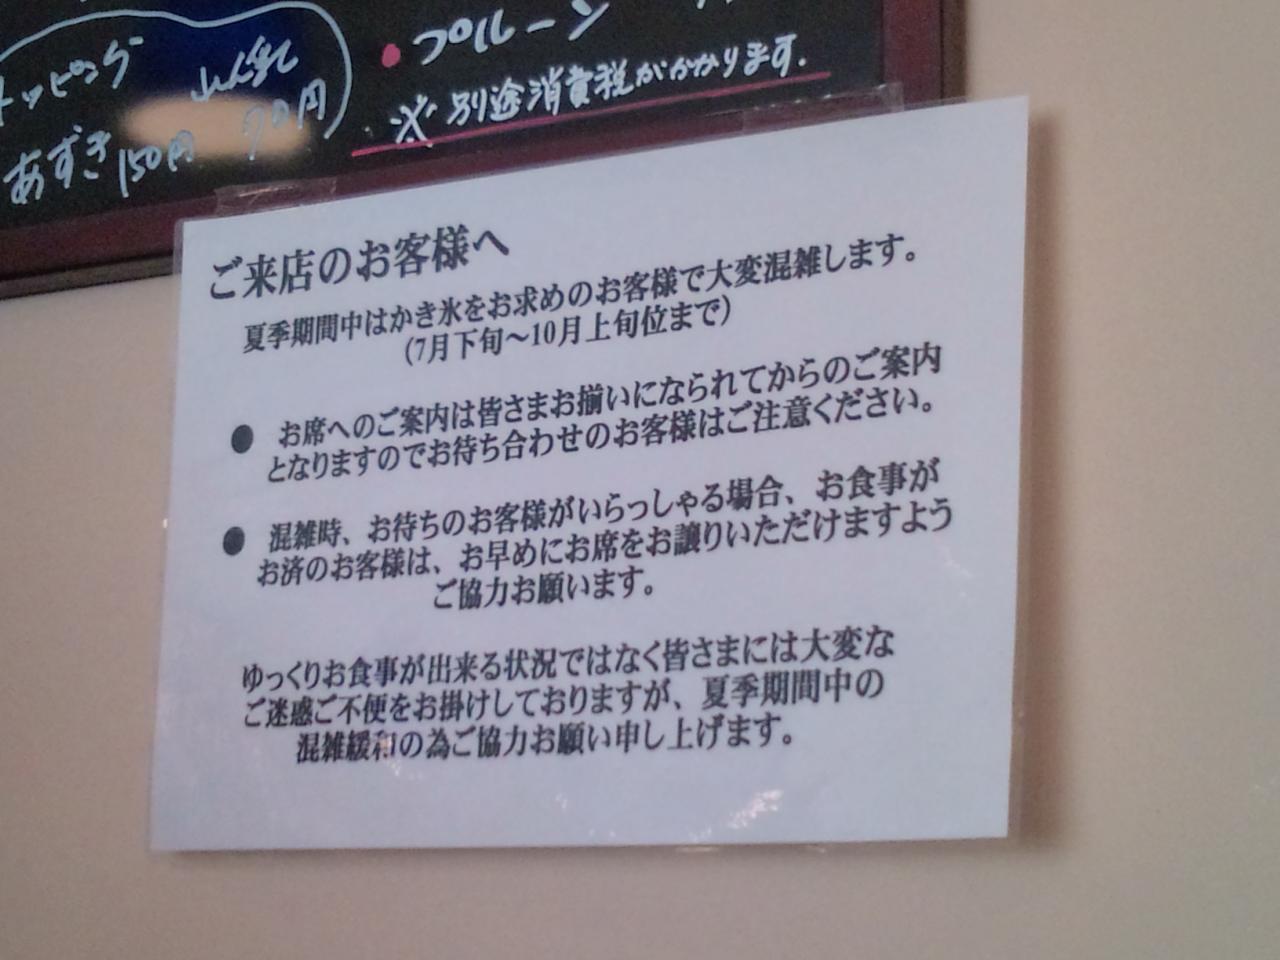 マユール宮崎台店(店内)